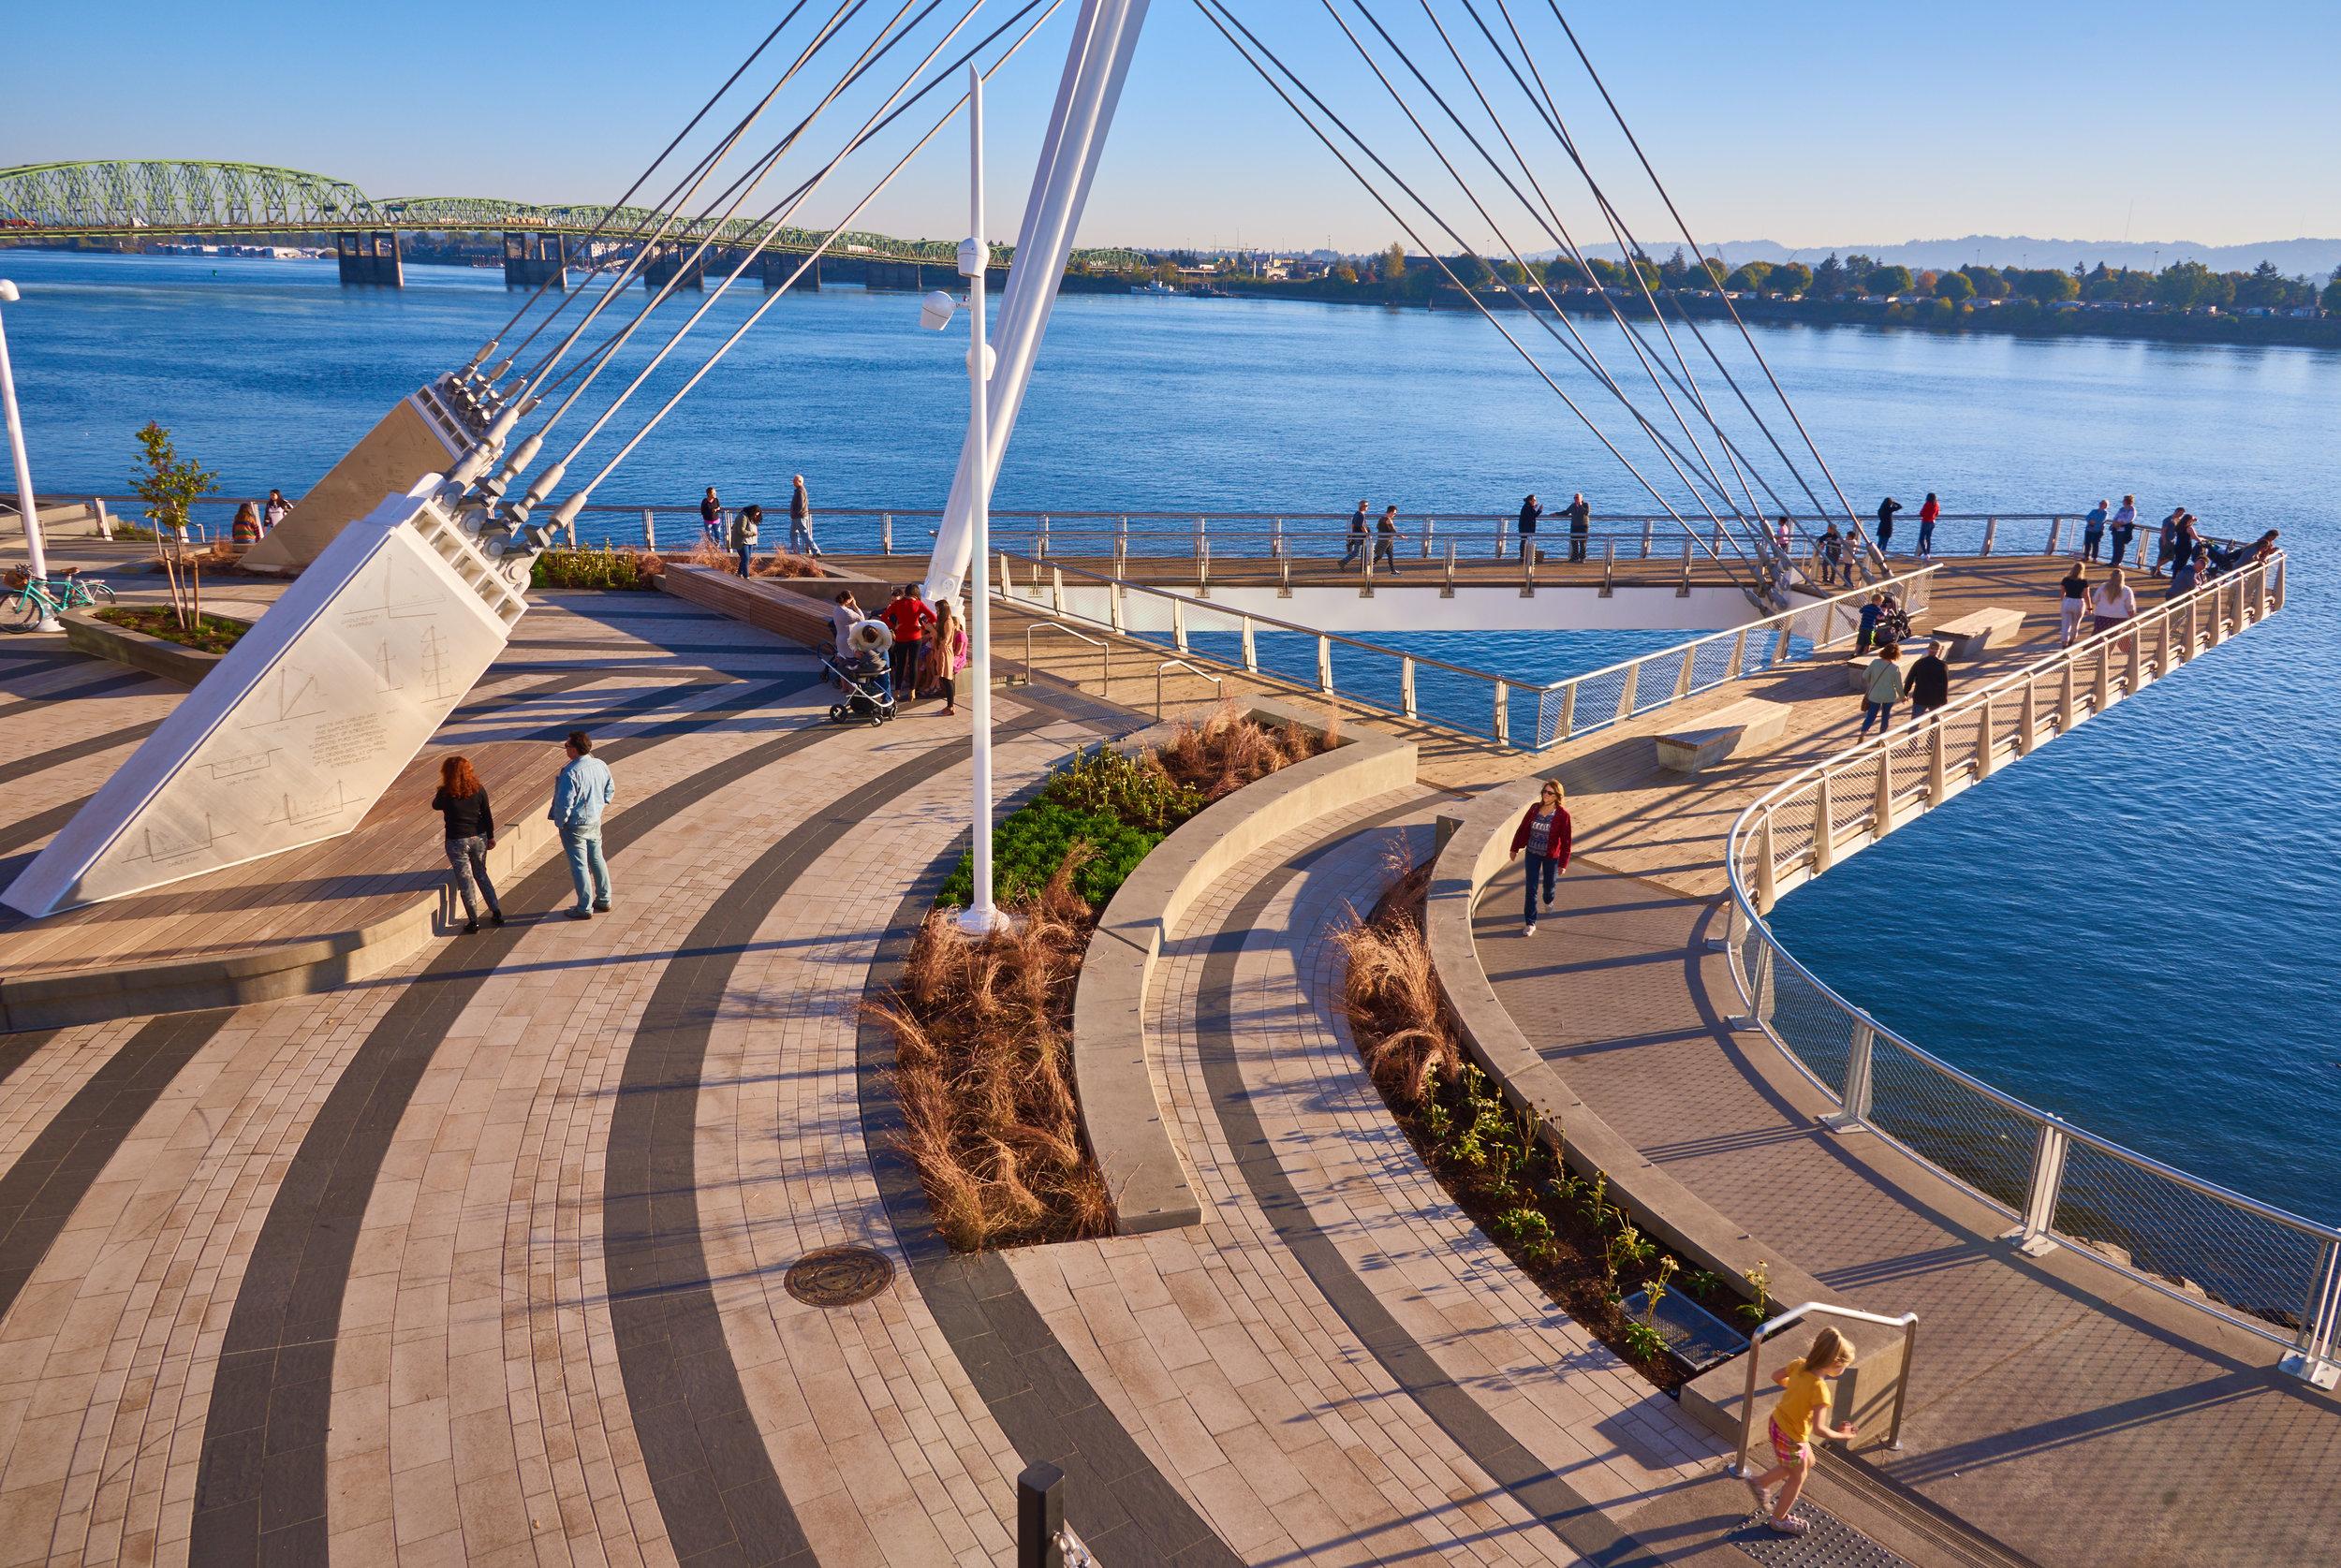 vancouver_waterfront park pier_larry kirkland_public art services_j grant projects_38.jpg